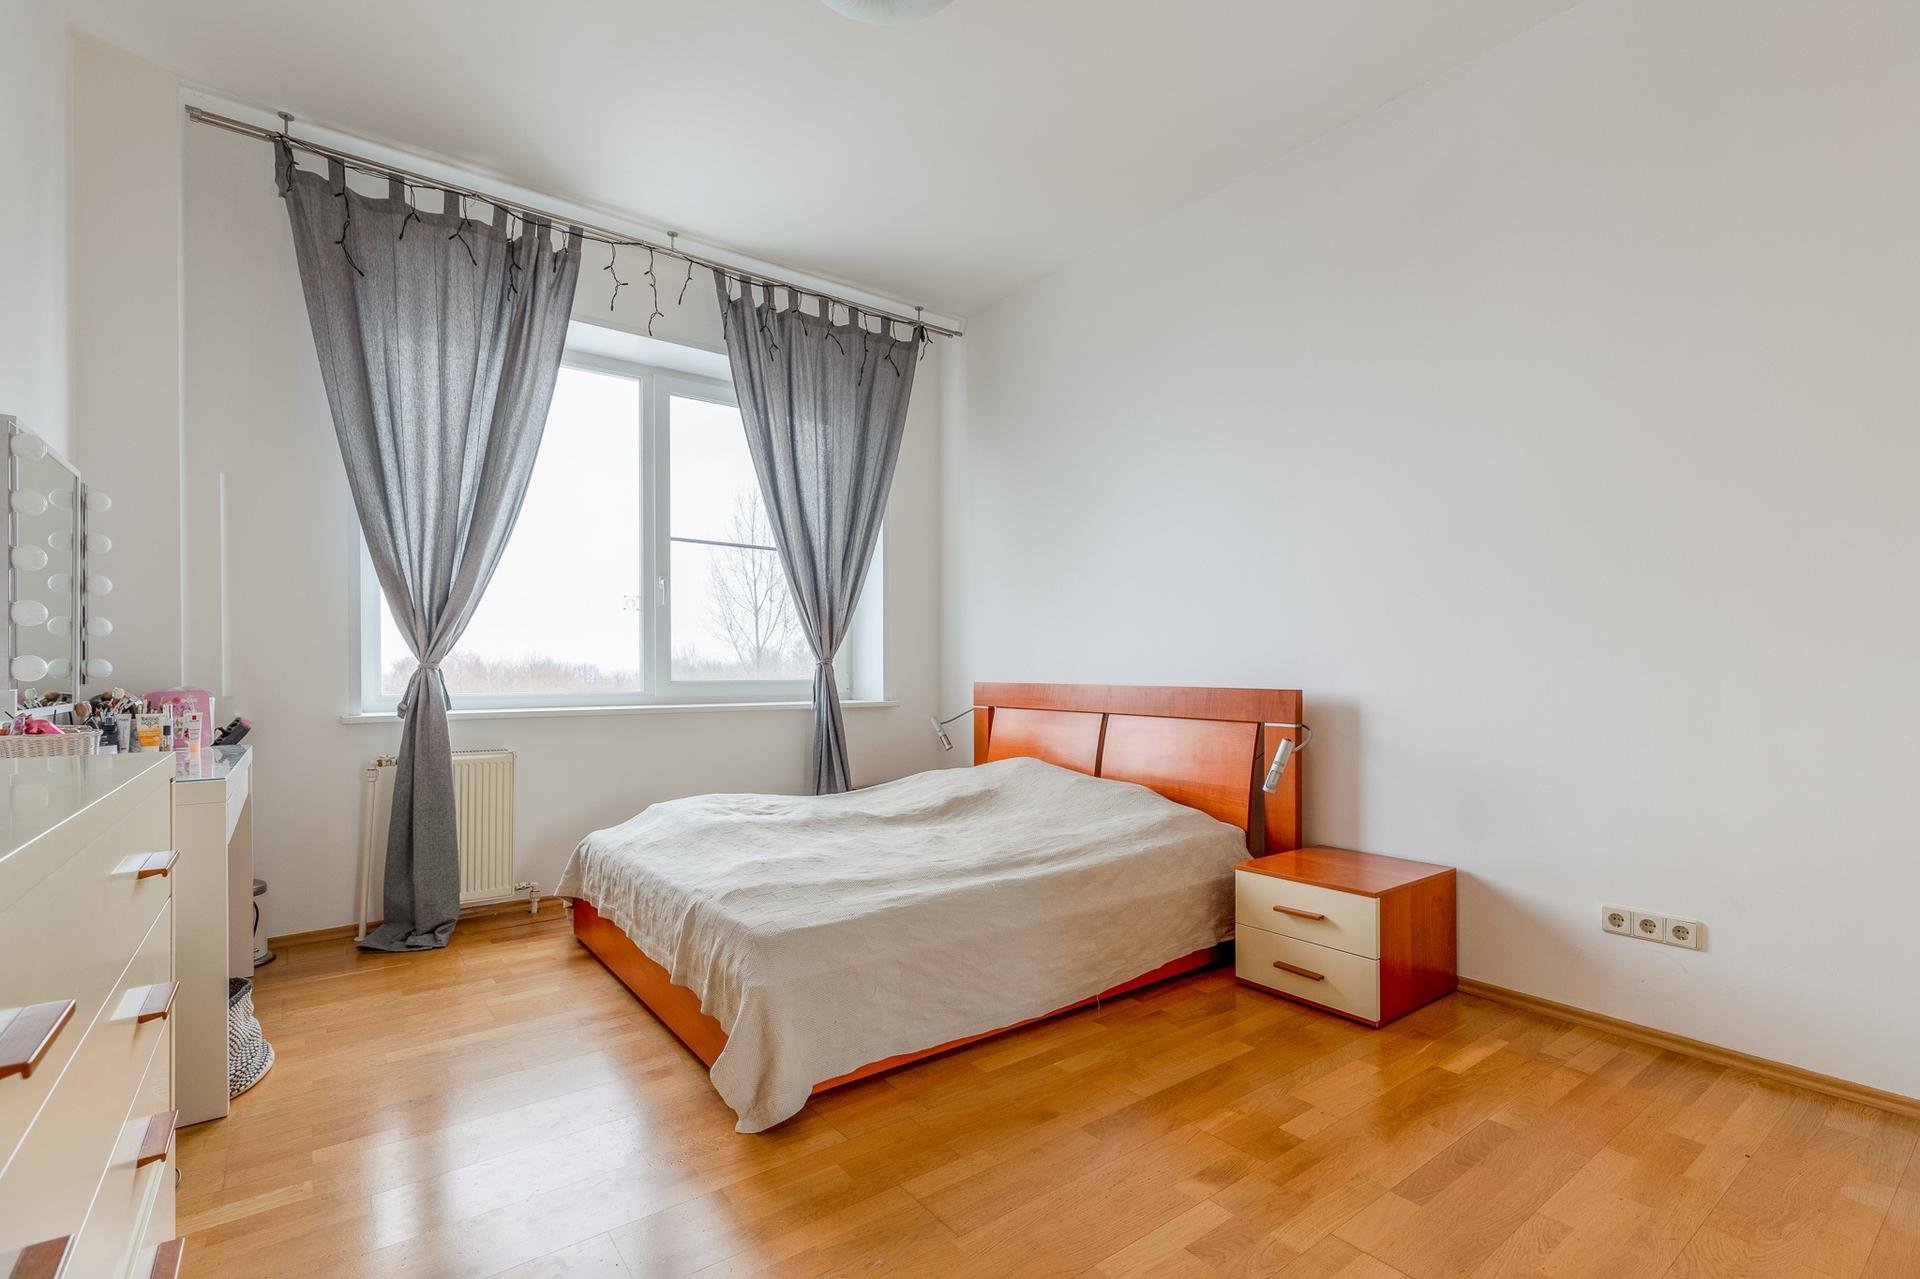 тихая квартира для жизни 5